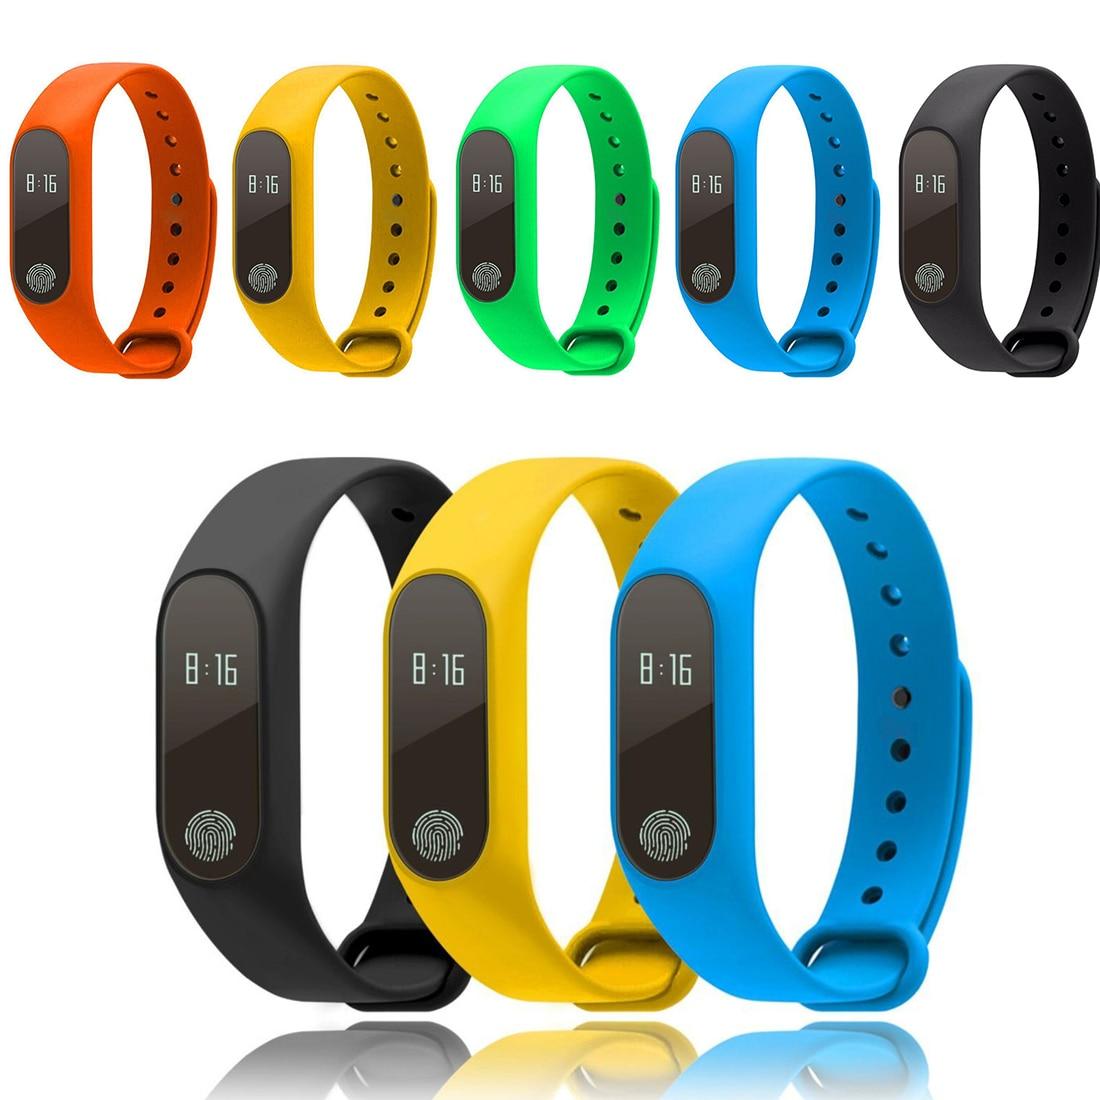 Andando Pedômetro Relógio de Pulso Do Esporte Da Aptidão Pulseira Display Digital LCD Rastreador Esportes Execução Passo Calorie Counter